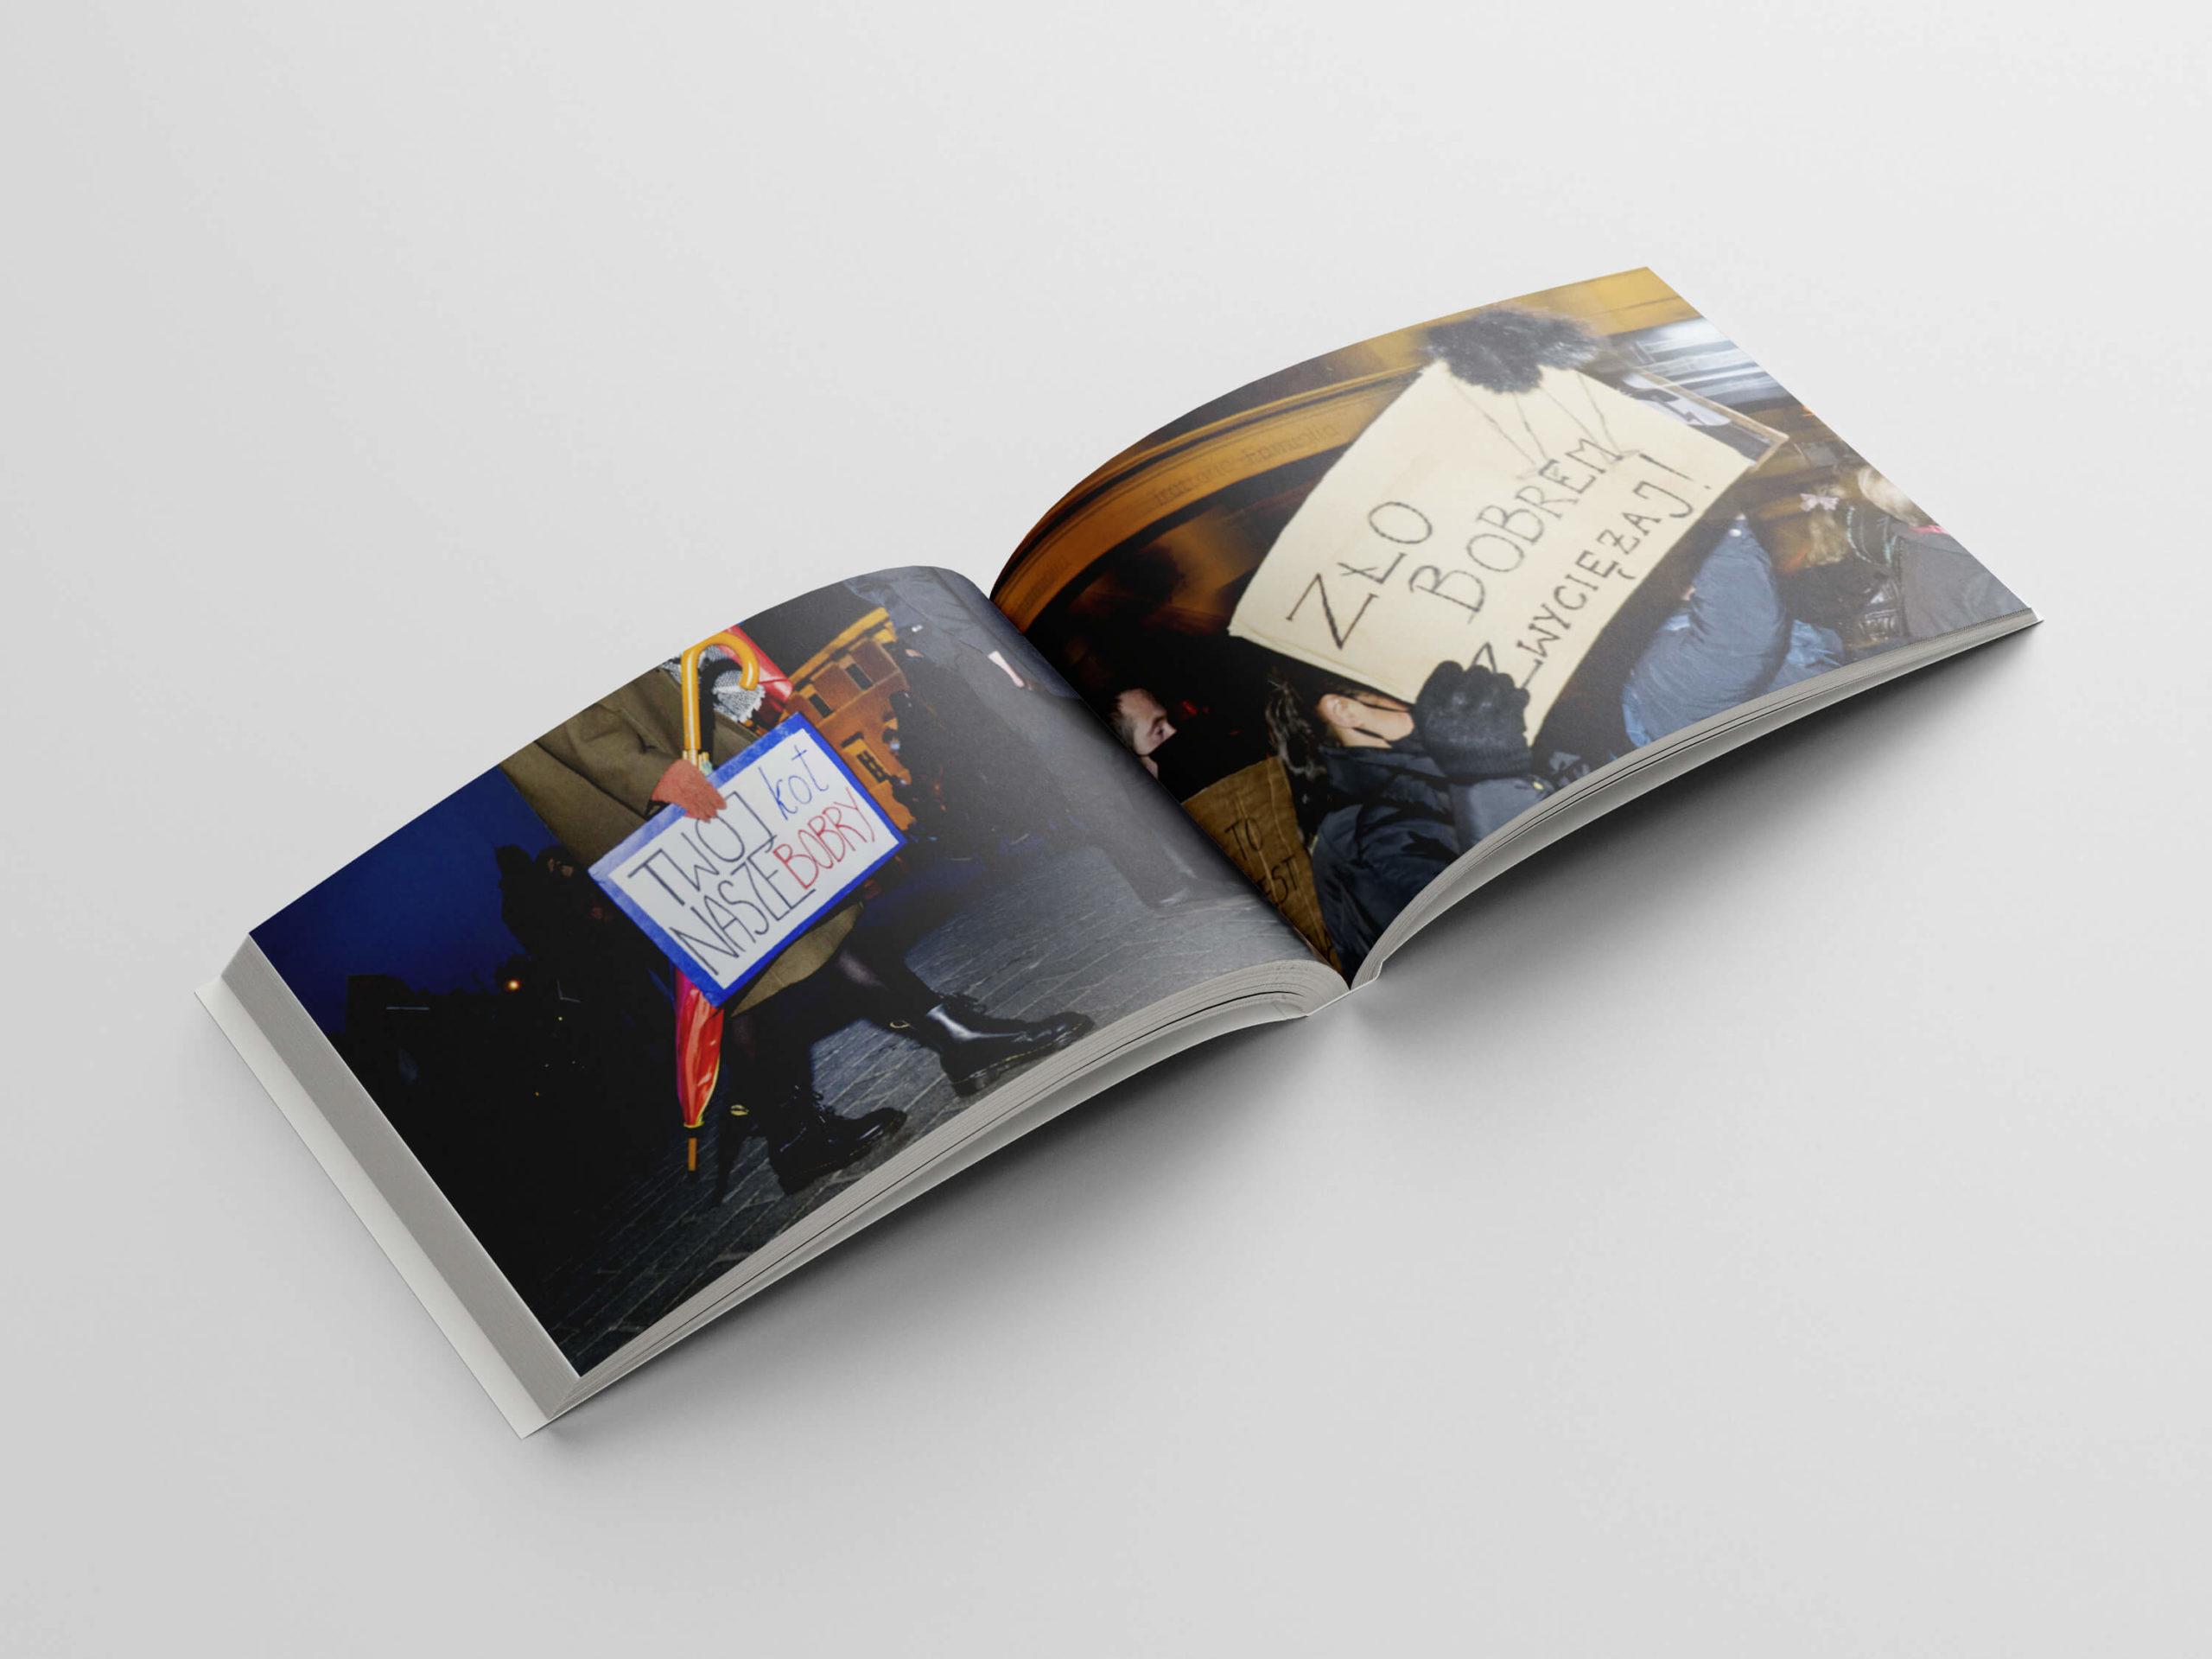 Zło bobrem zwyciężaj: Ukazał się album ztransparentami zestrajków kobiet